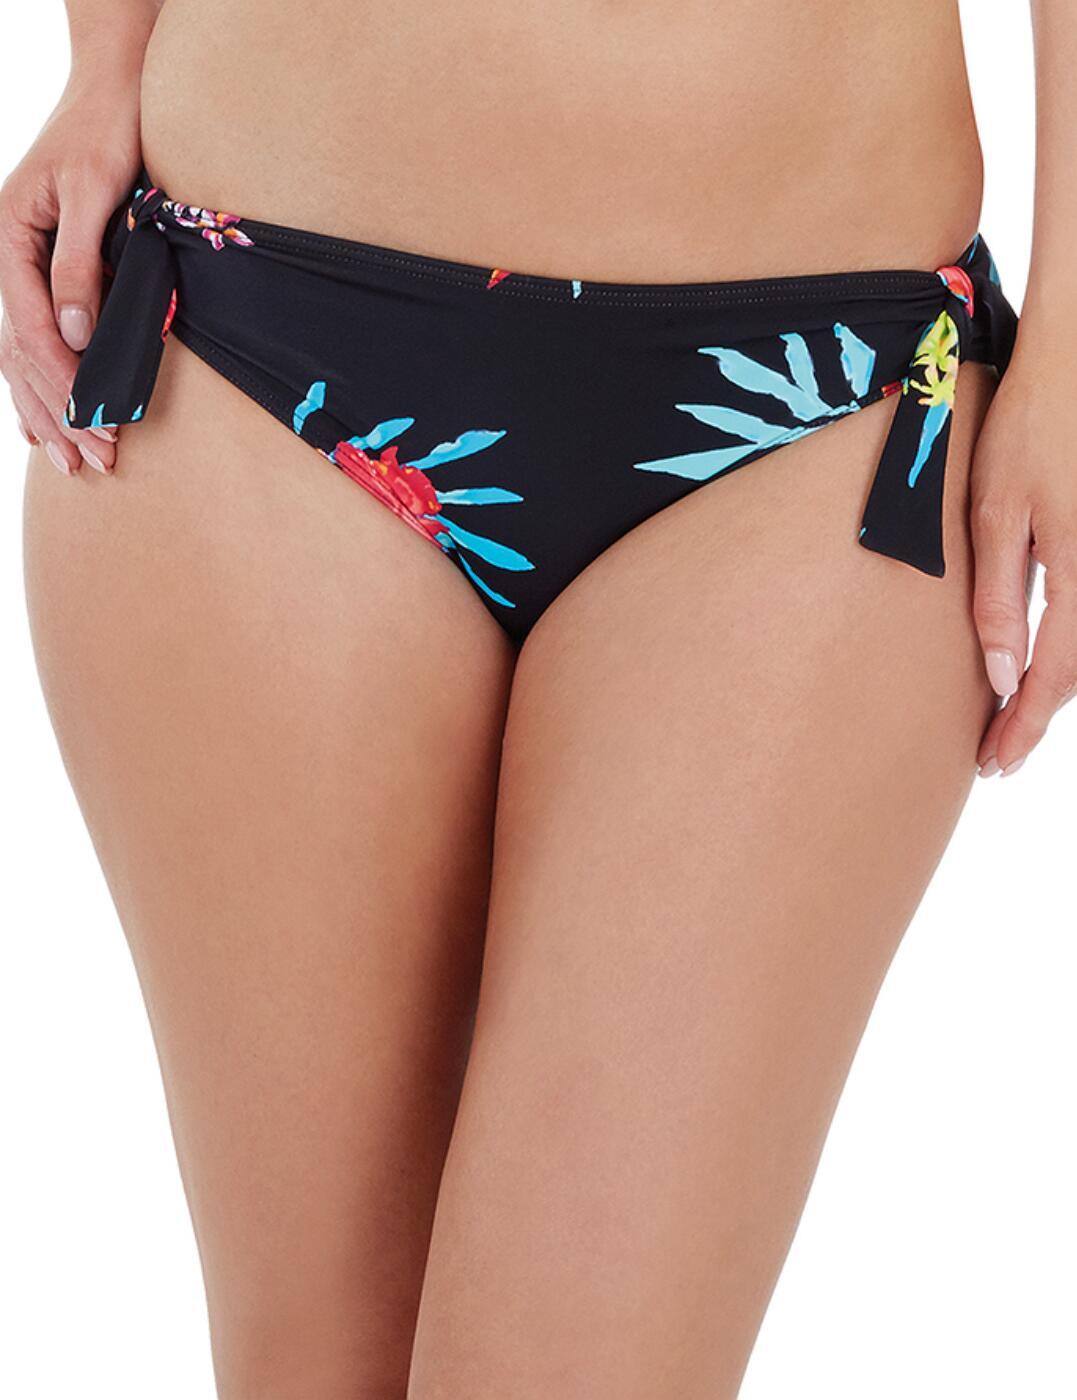 1721700 Lepel Tropics Low Rise Bikini Brief - 1721700 Black/Print